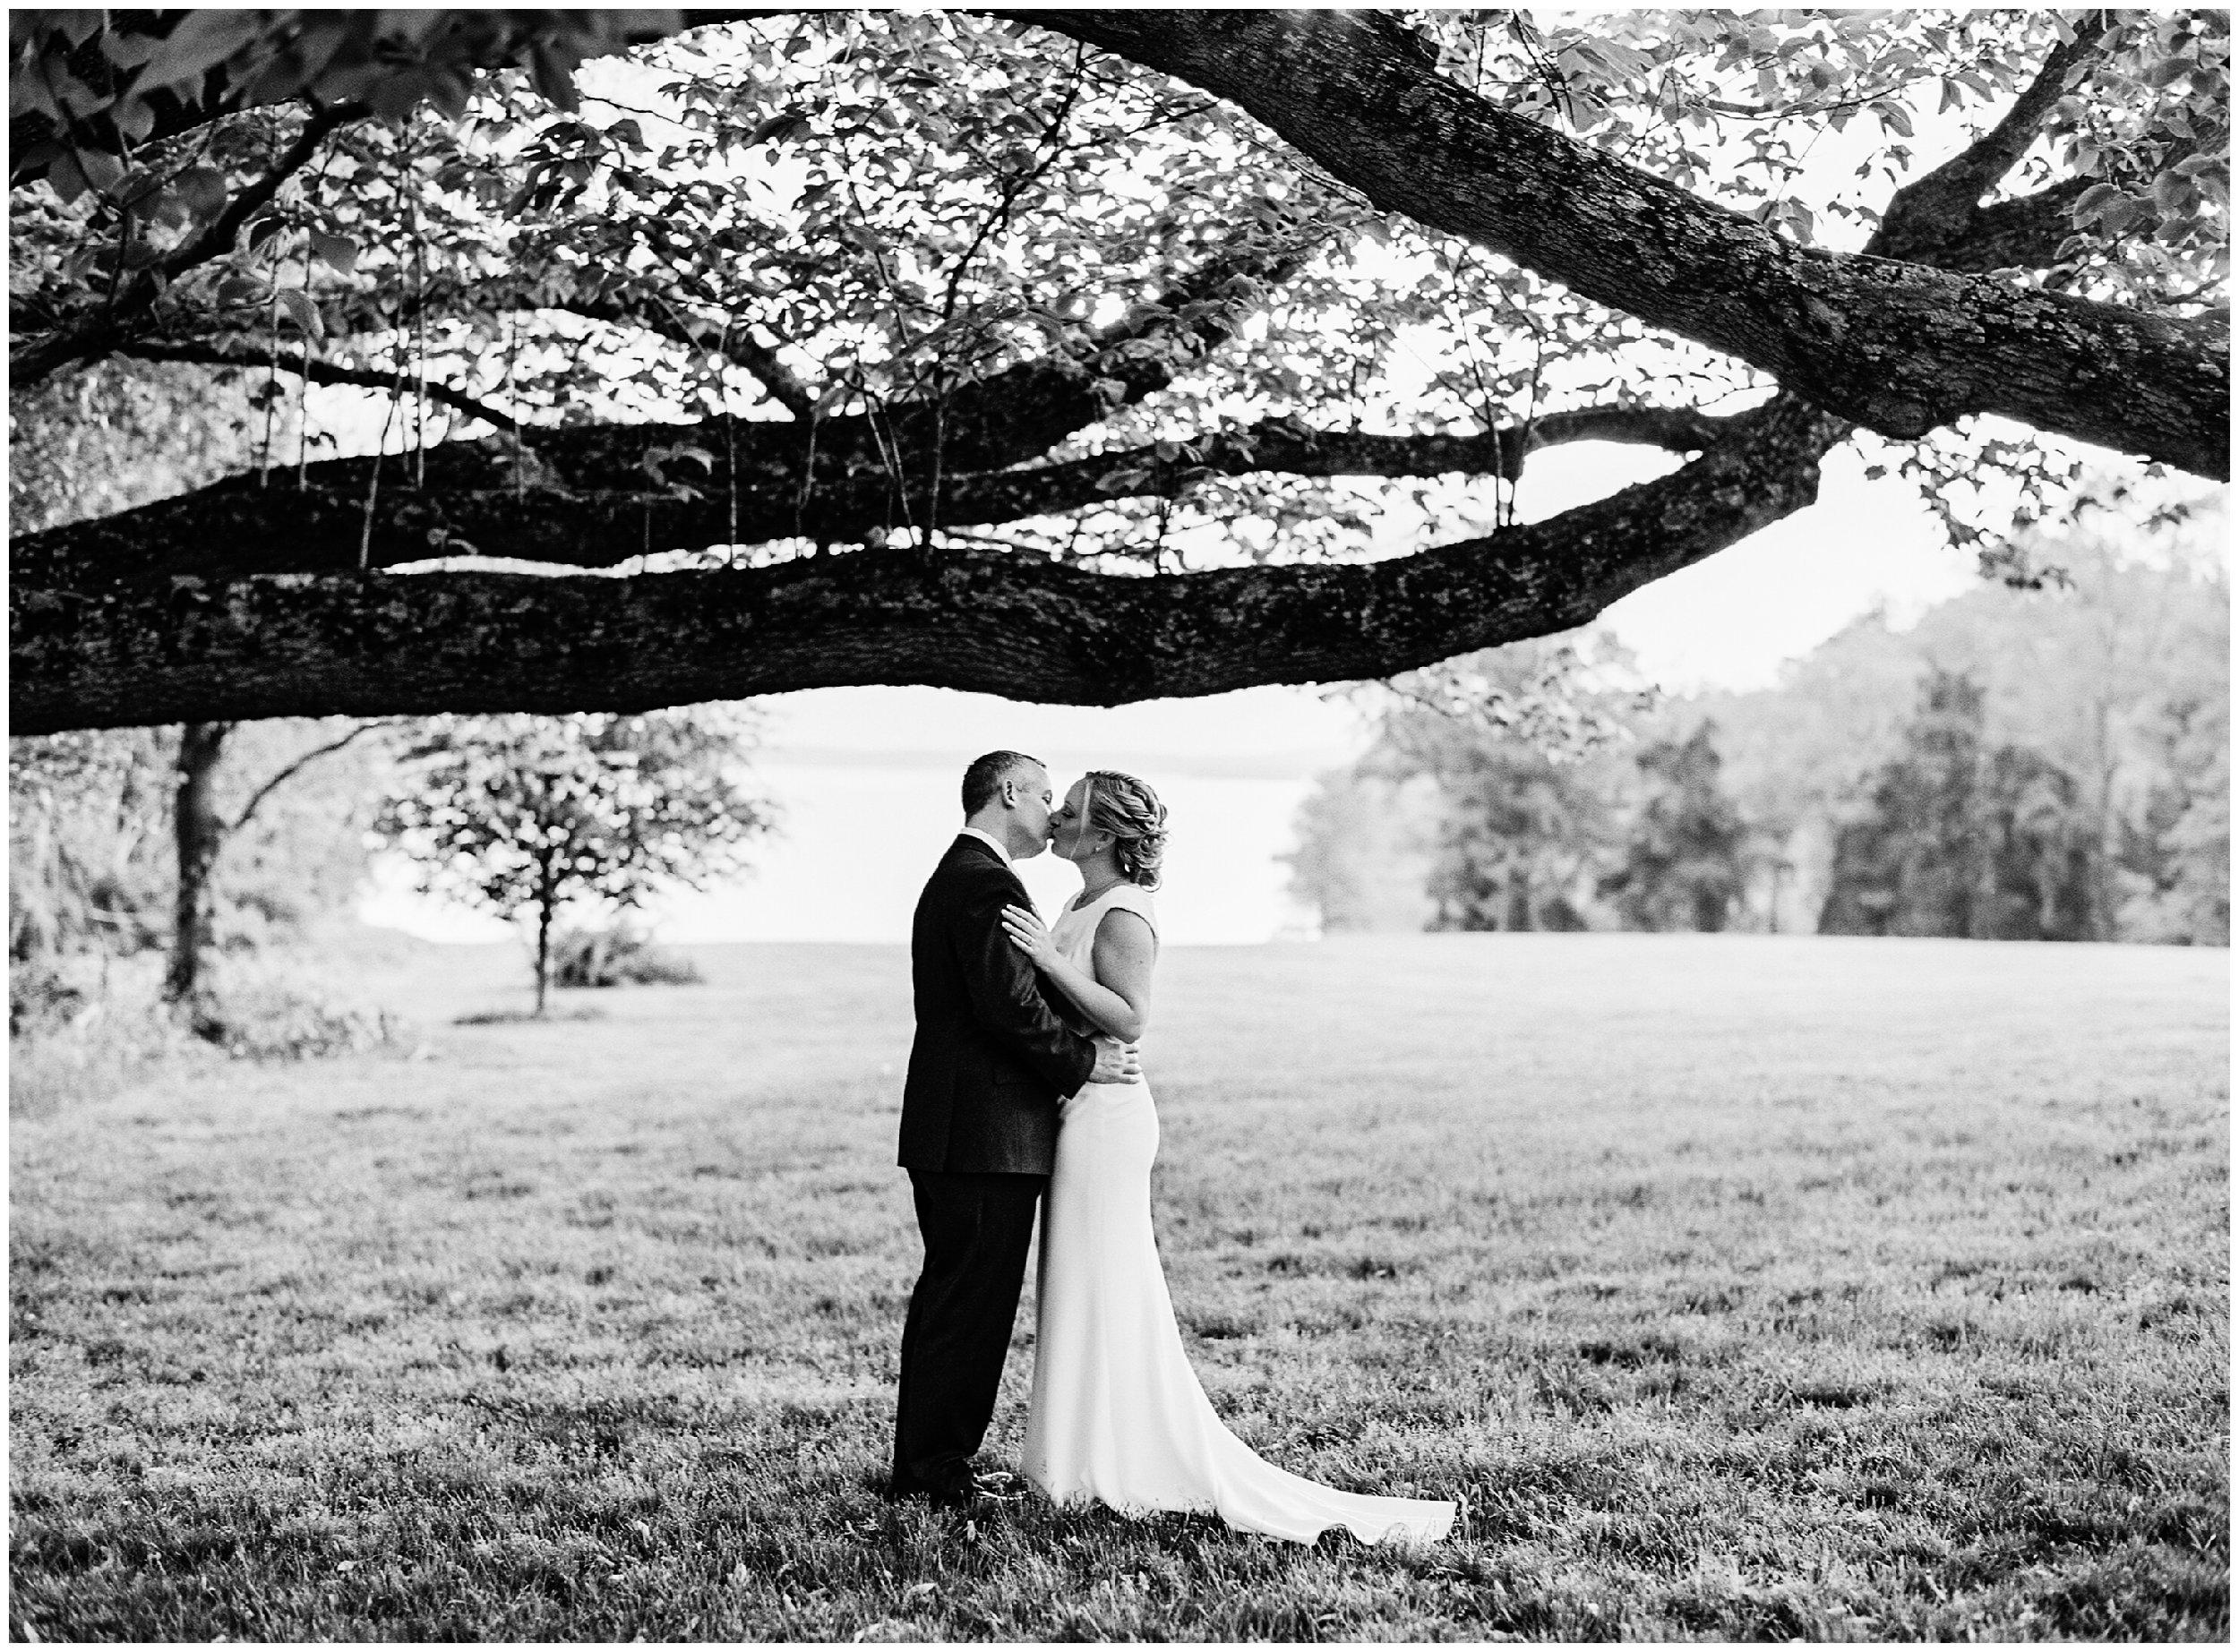 newlyweds kissing under giant tree